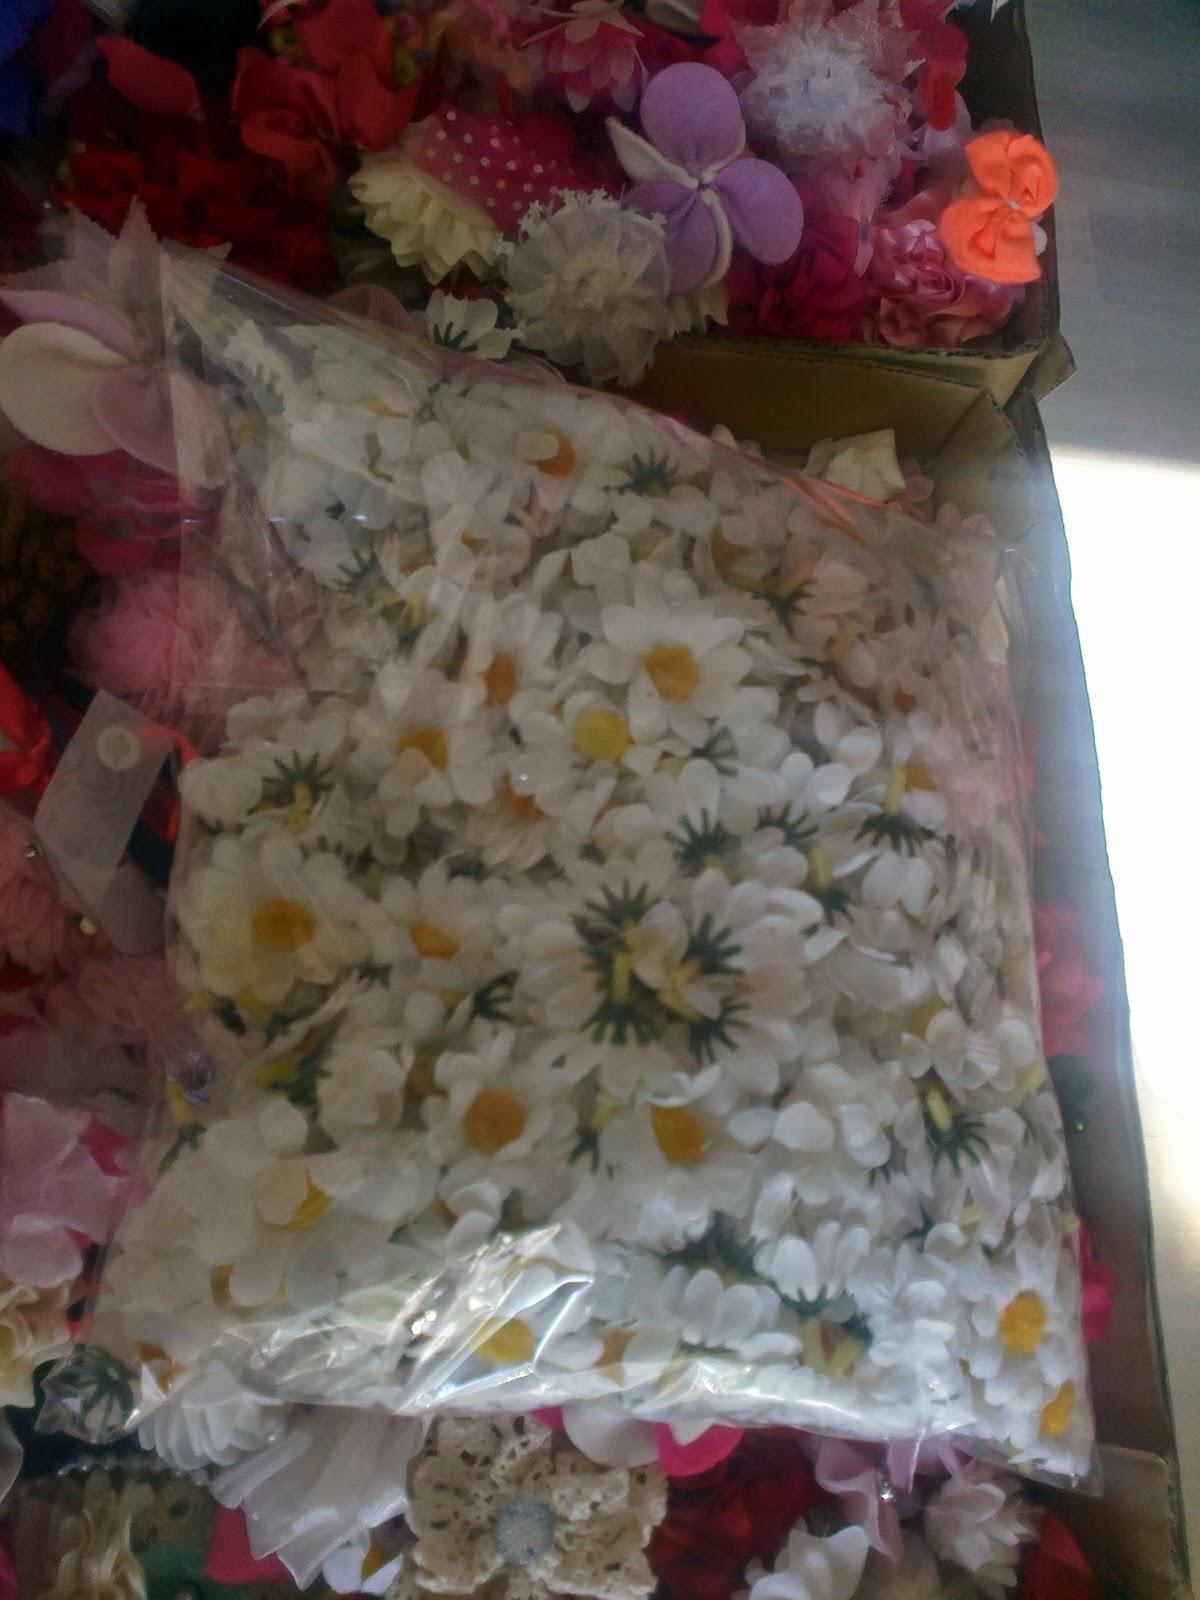 çocuk abiyeleri için abiye süsleme çiçekleri - papatya çiçek örneği